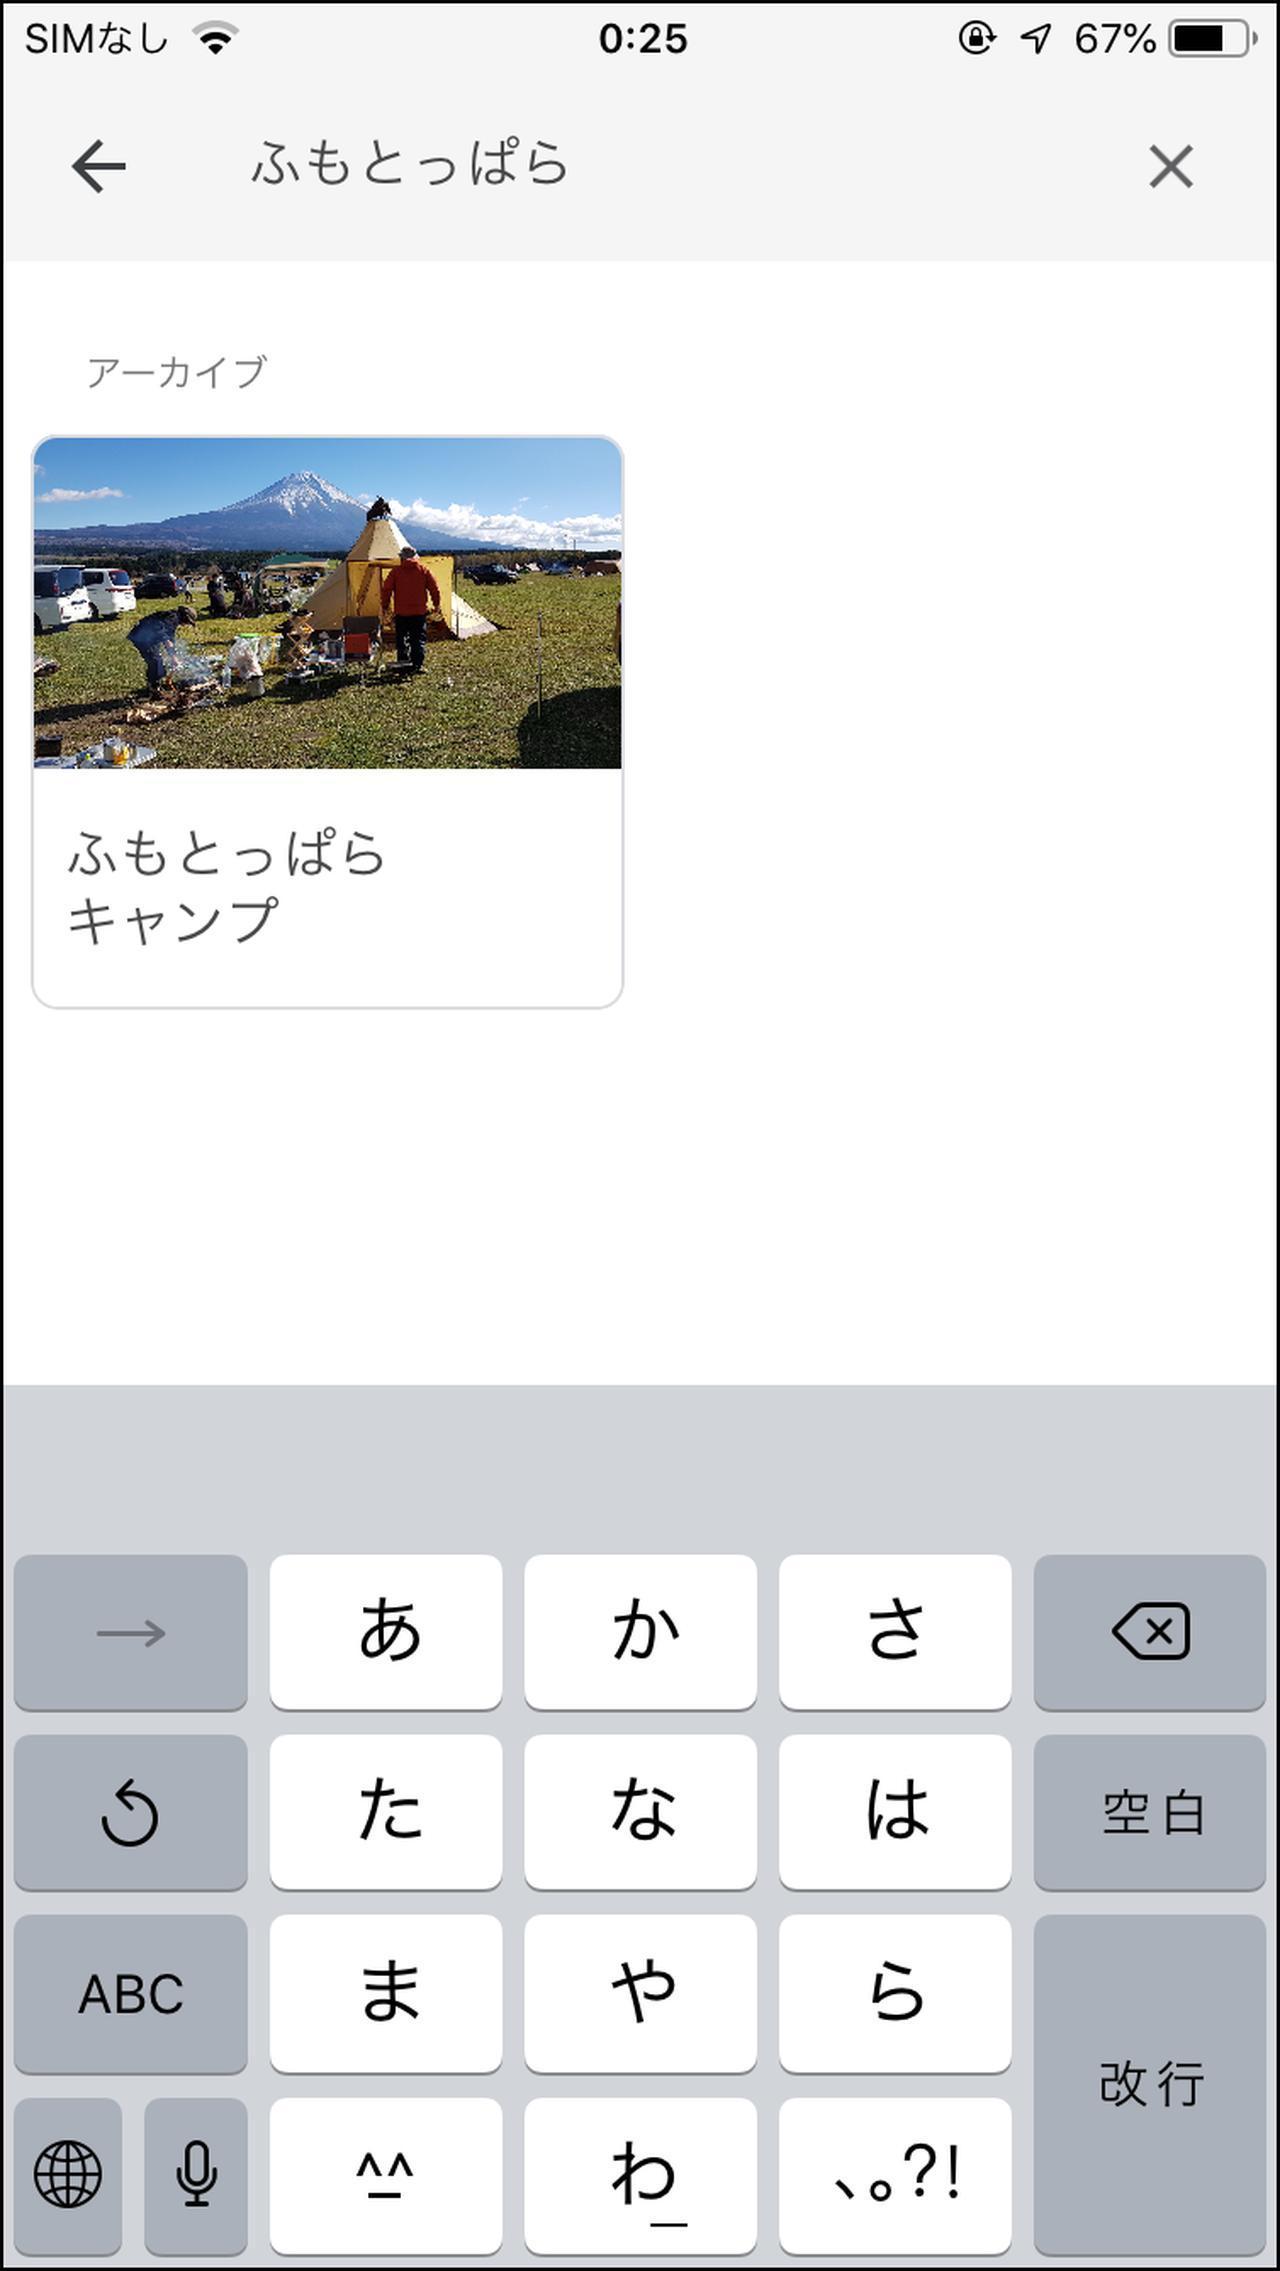 画像5: メモのアーカイブや削除の方法